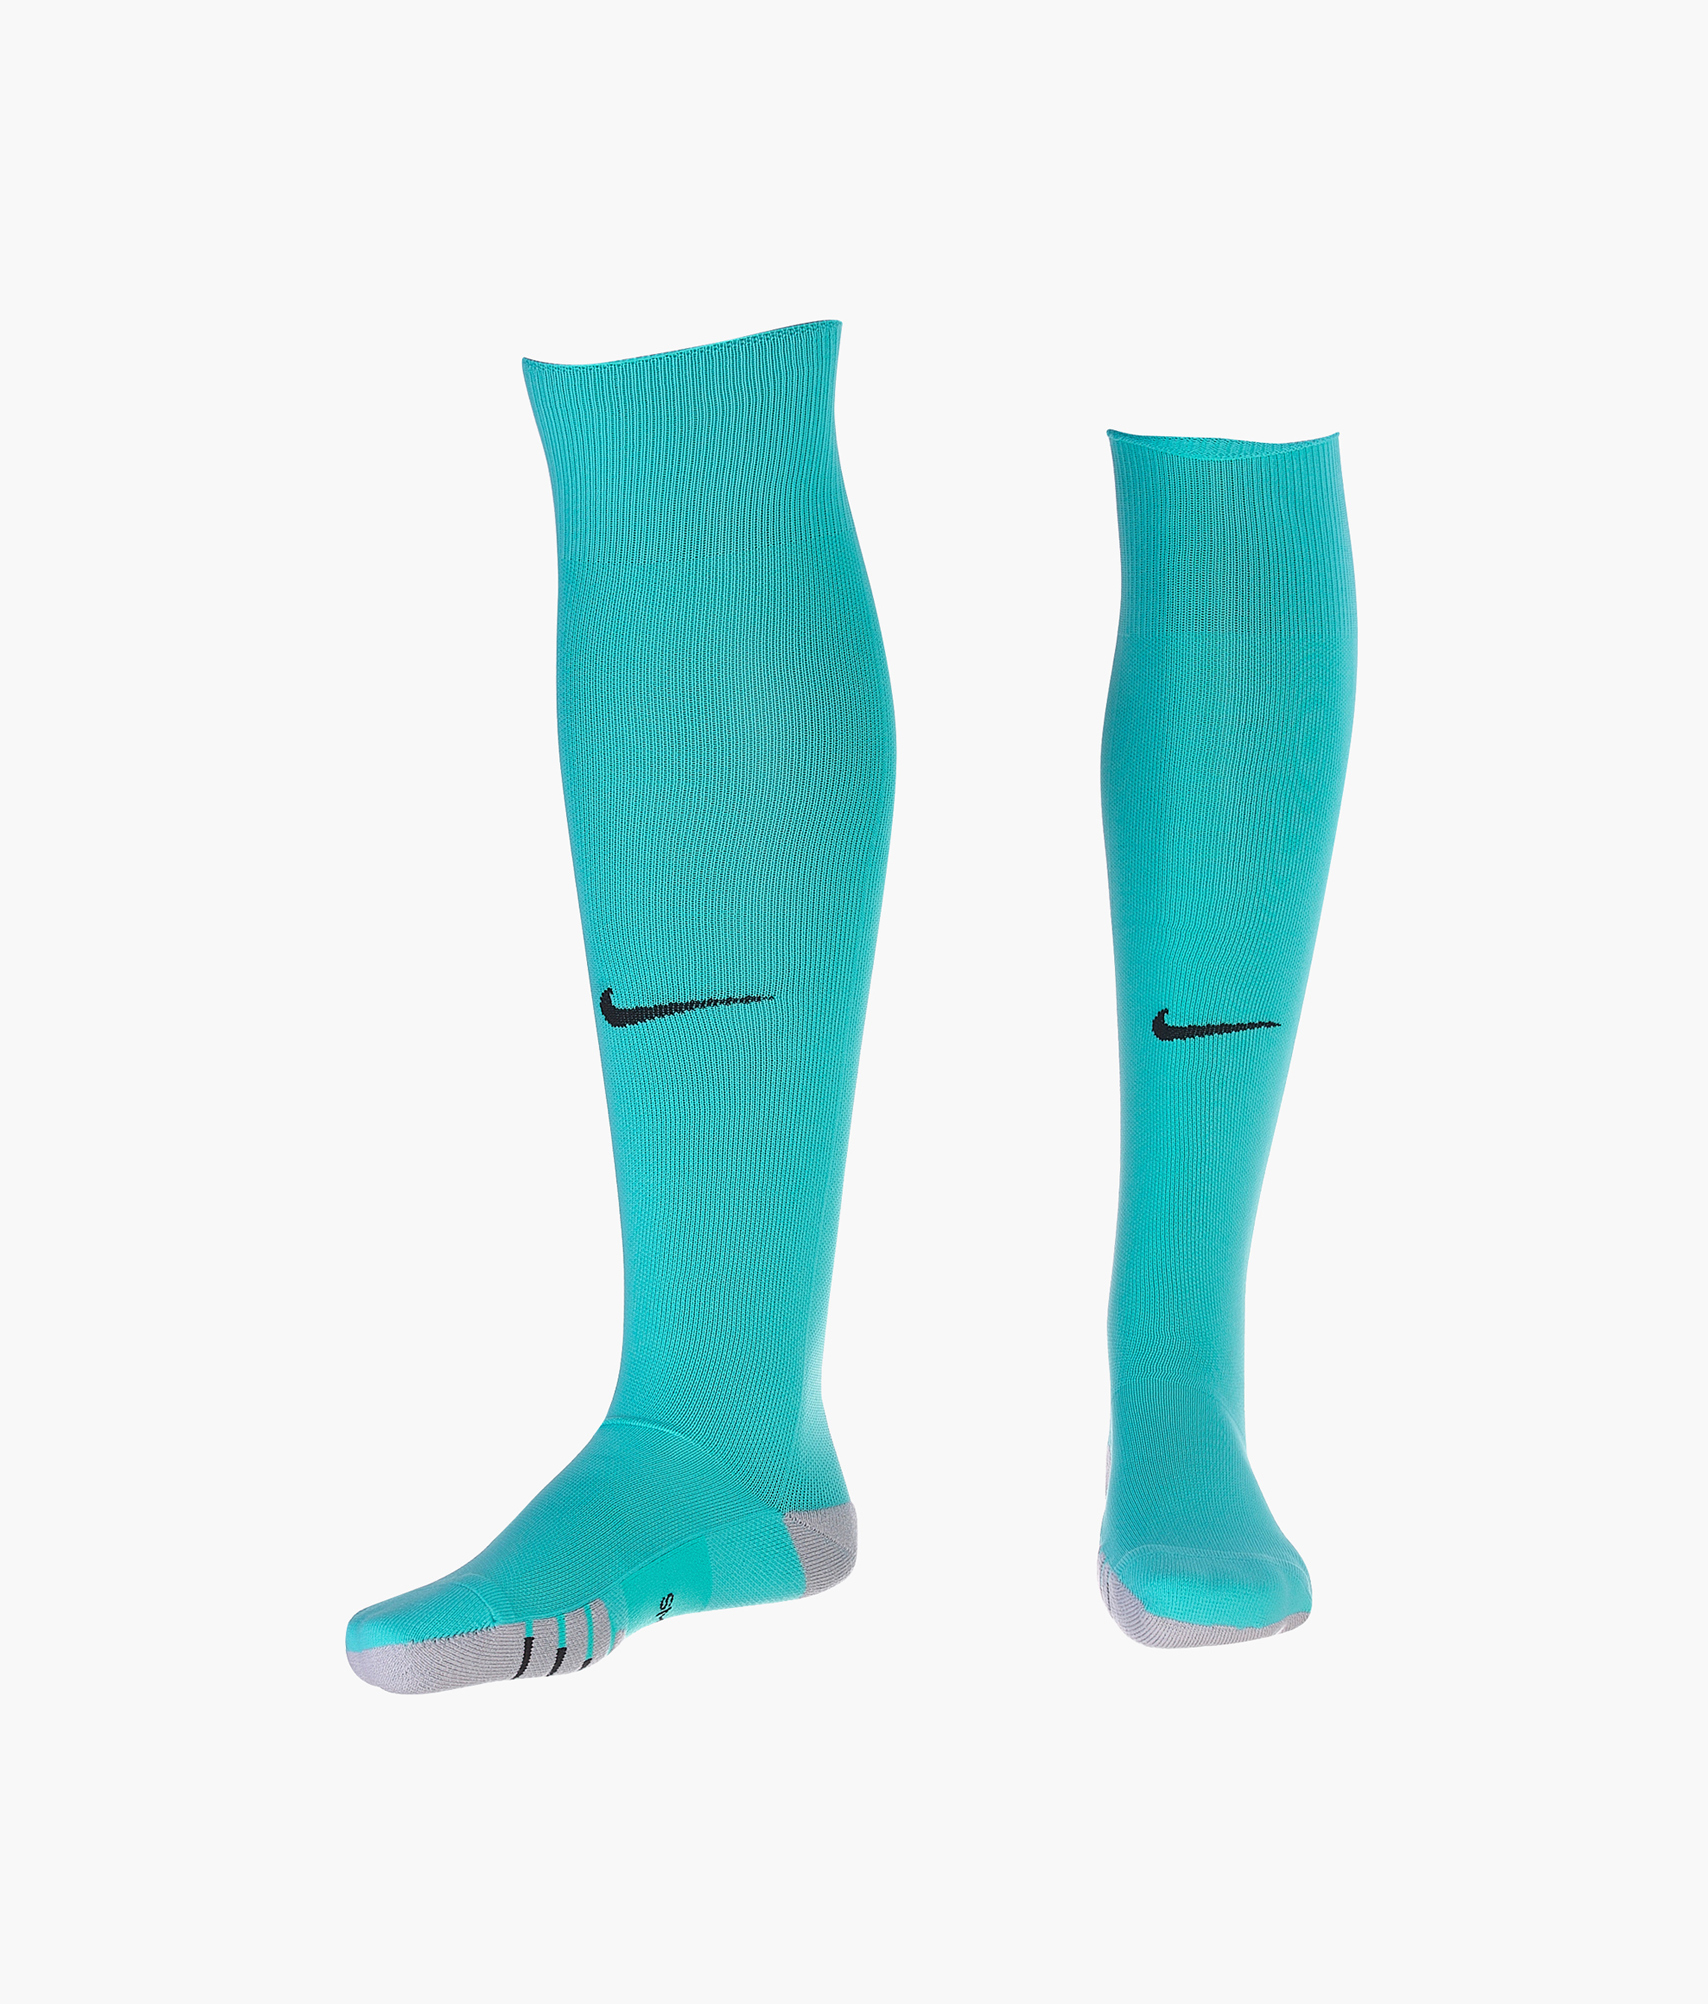 Гетры вратарские Nike сезона 2019/2020 Nike Цвет-Зеленый